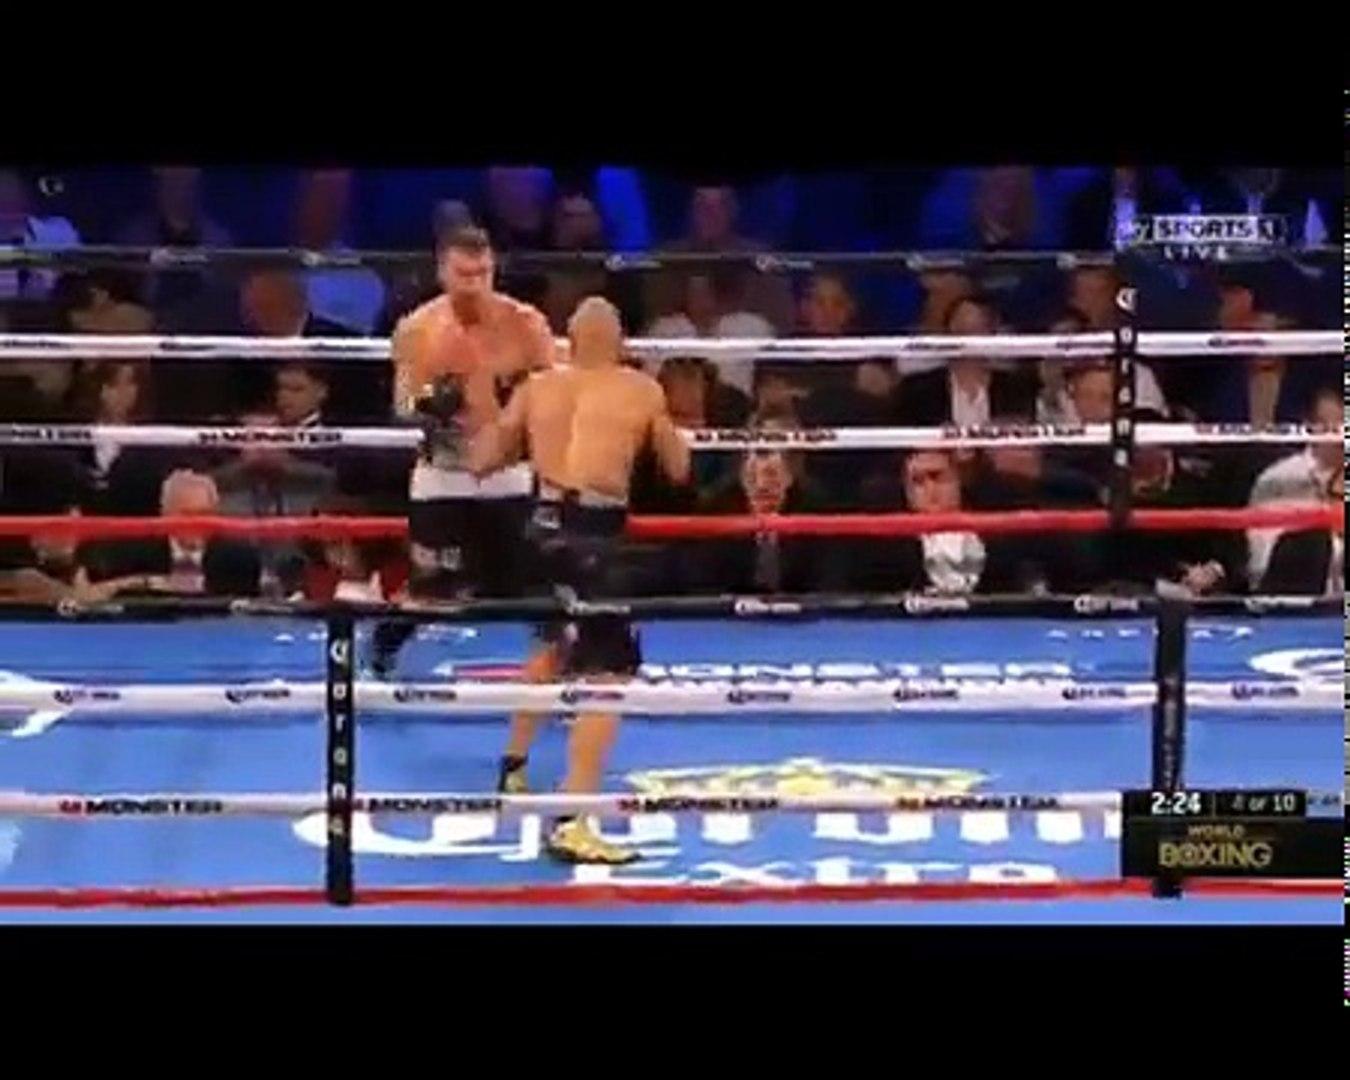 Isaac Chilemba vs Oleksandr Gvozdyk - Full Fight / Александр Гвоздик - Айзек Чилемба - Полный бой